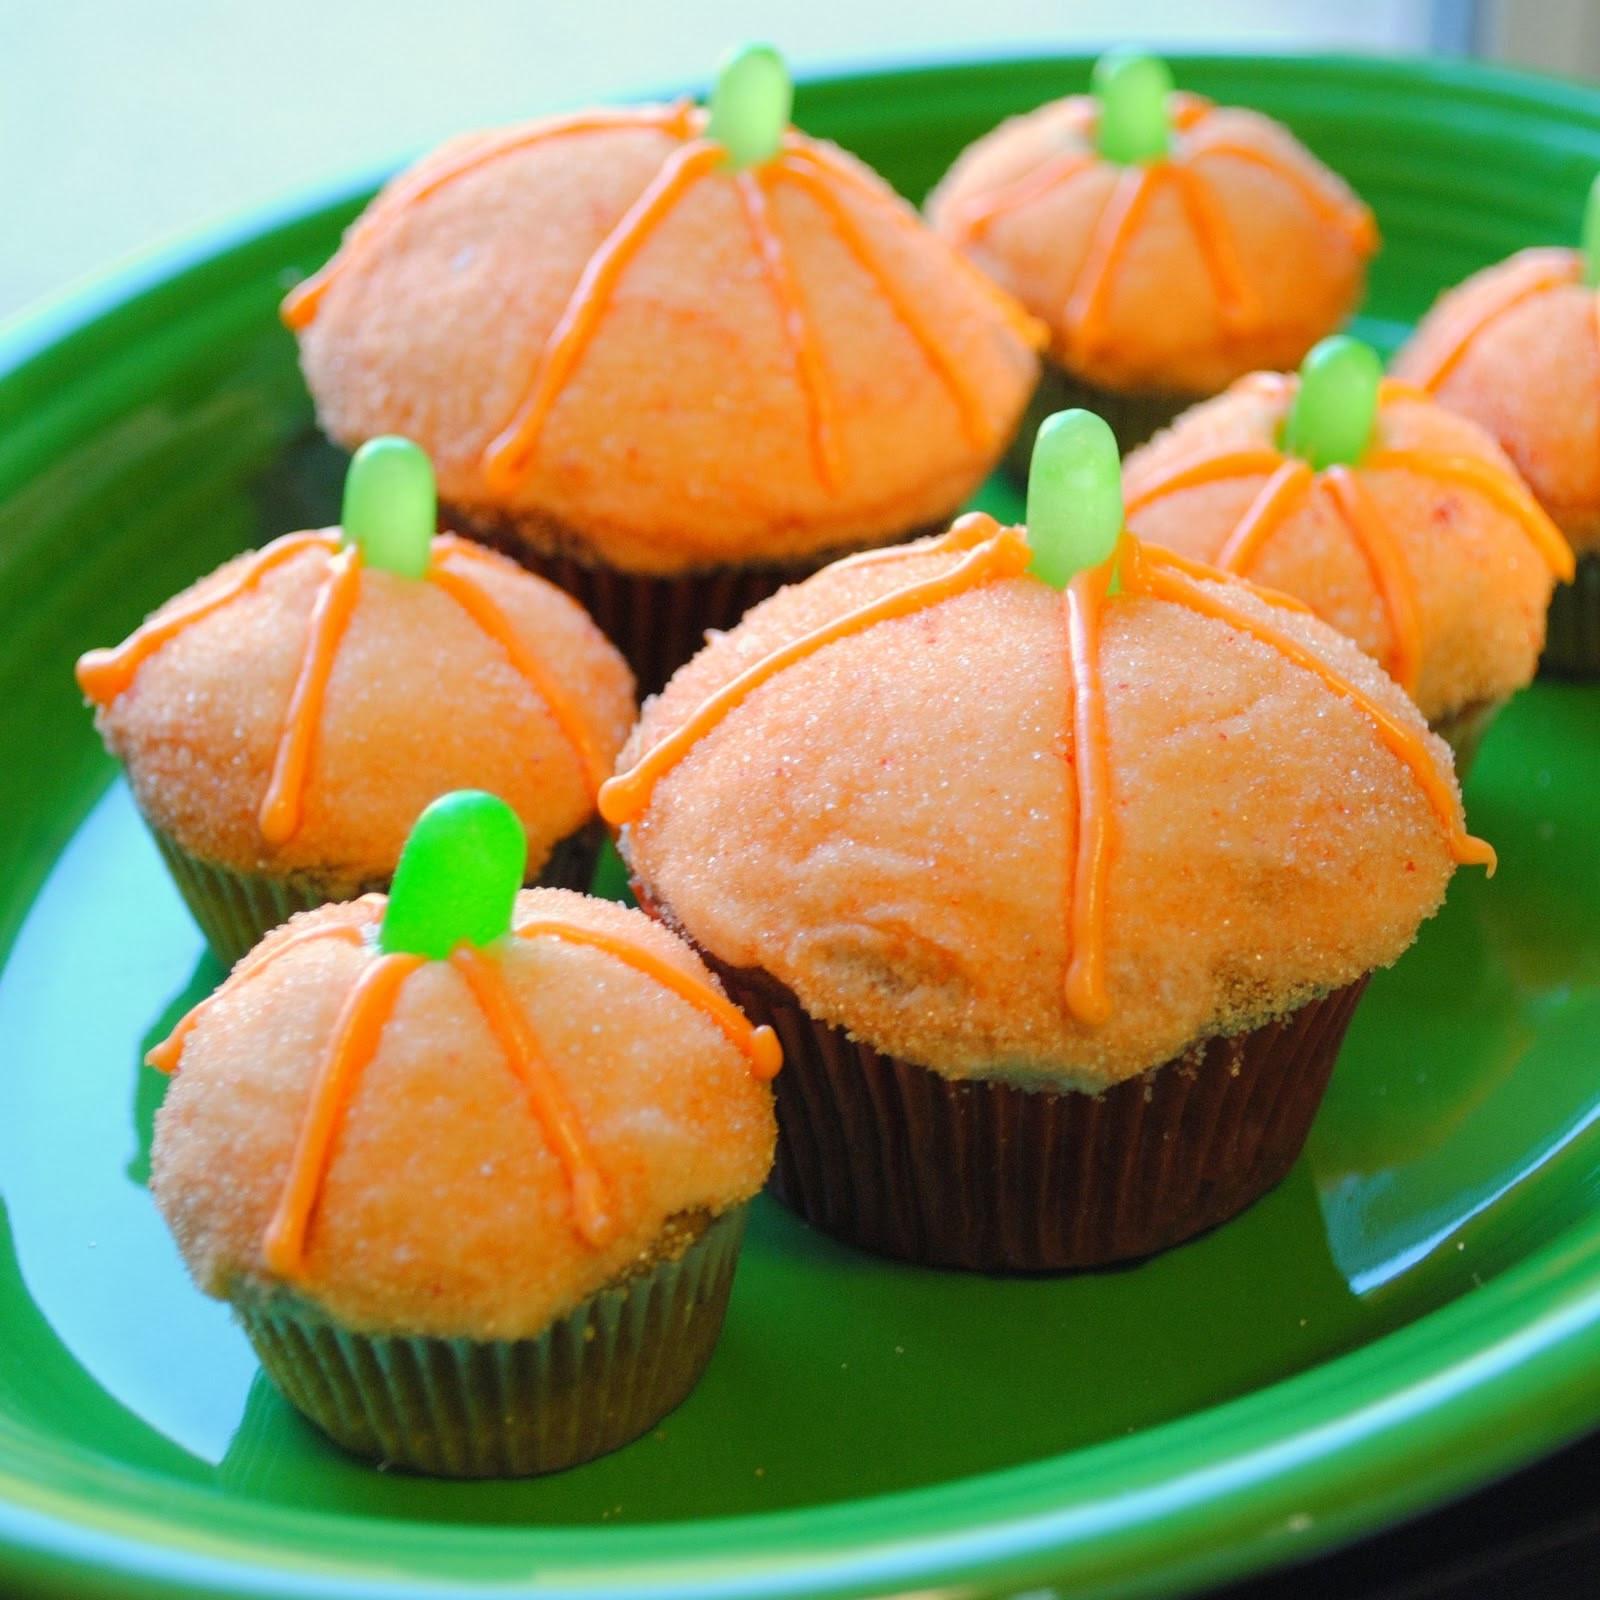 Halloween Pumpkin Cupcakes  Hd Wallpapers Blog Halloween Pumpkin Cupcakes